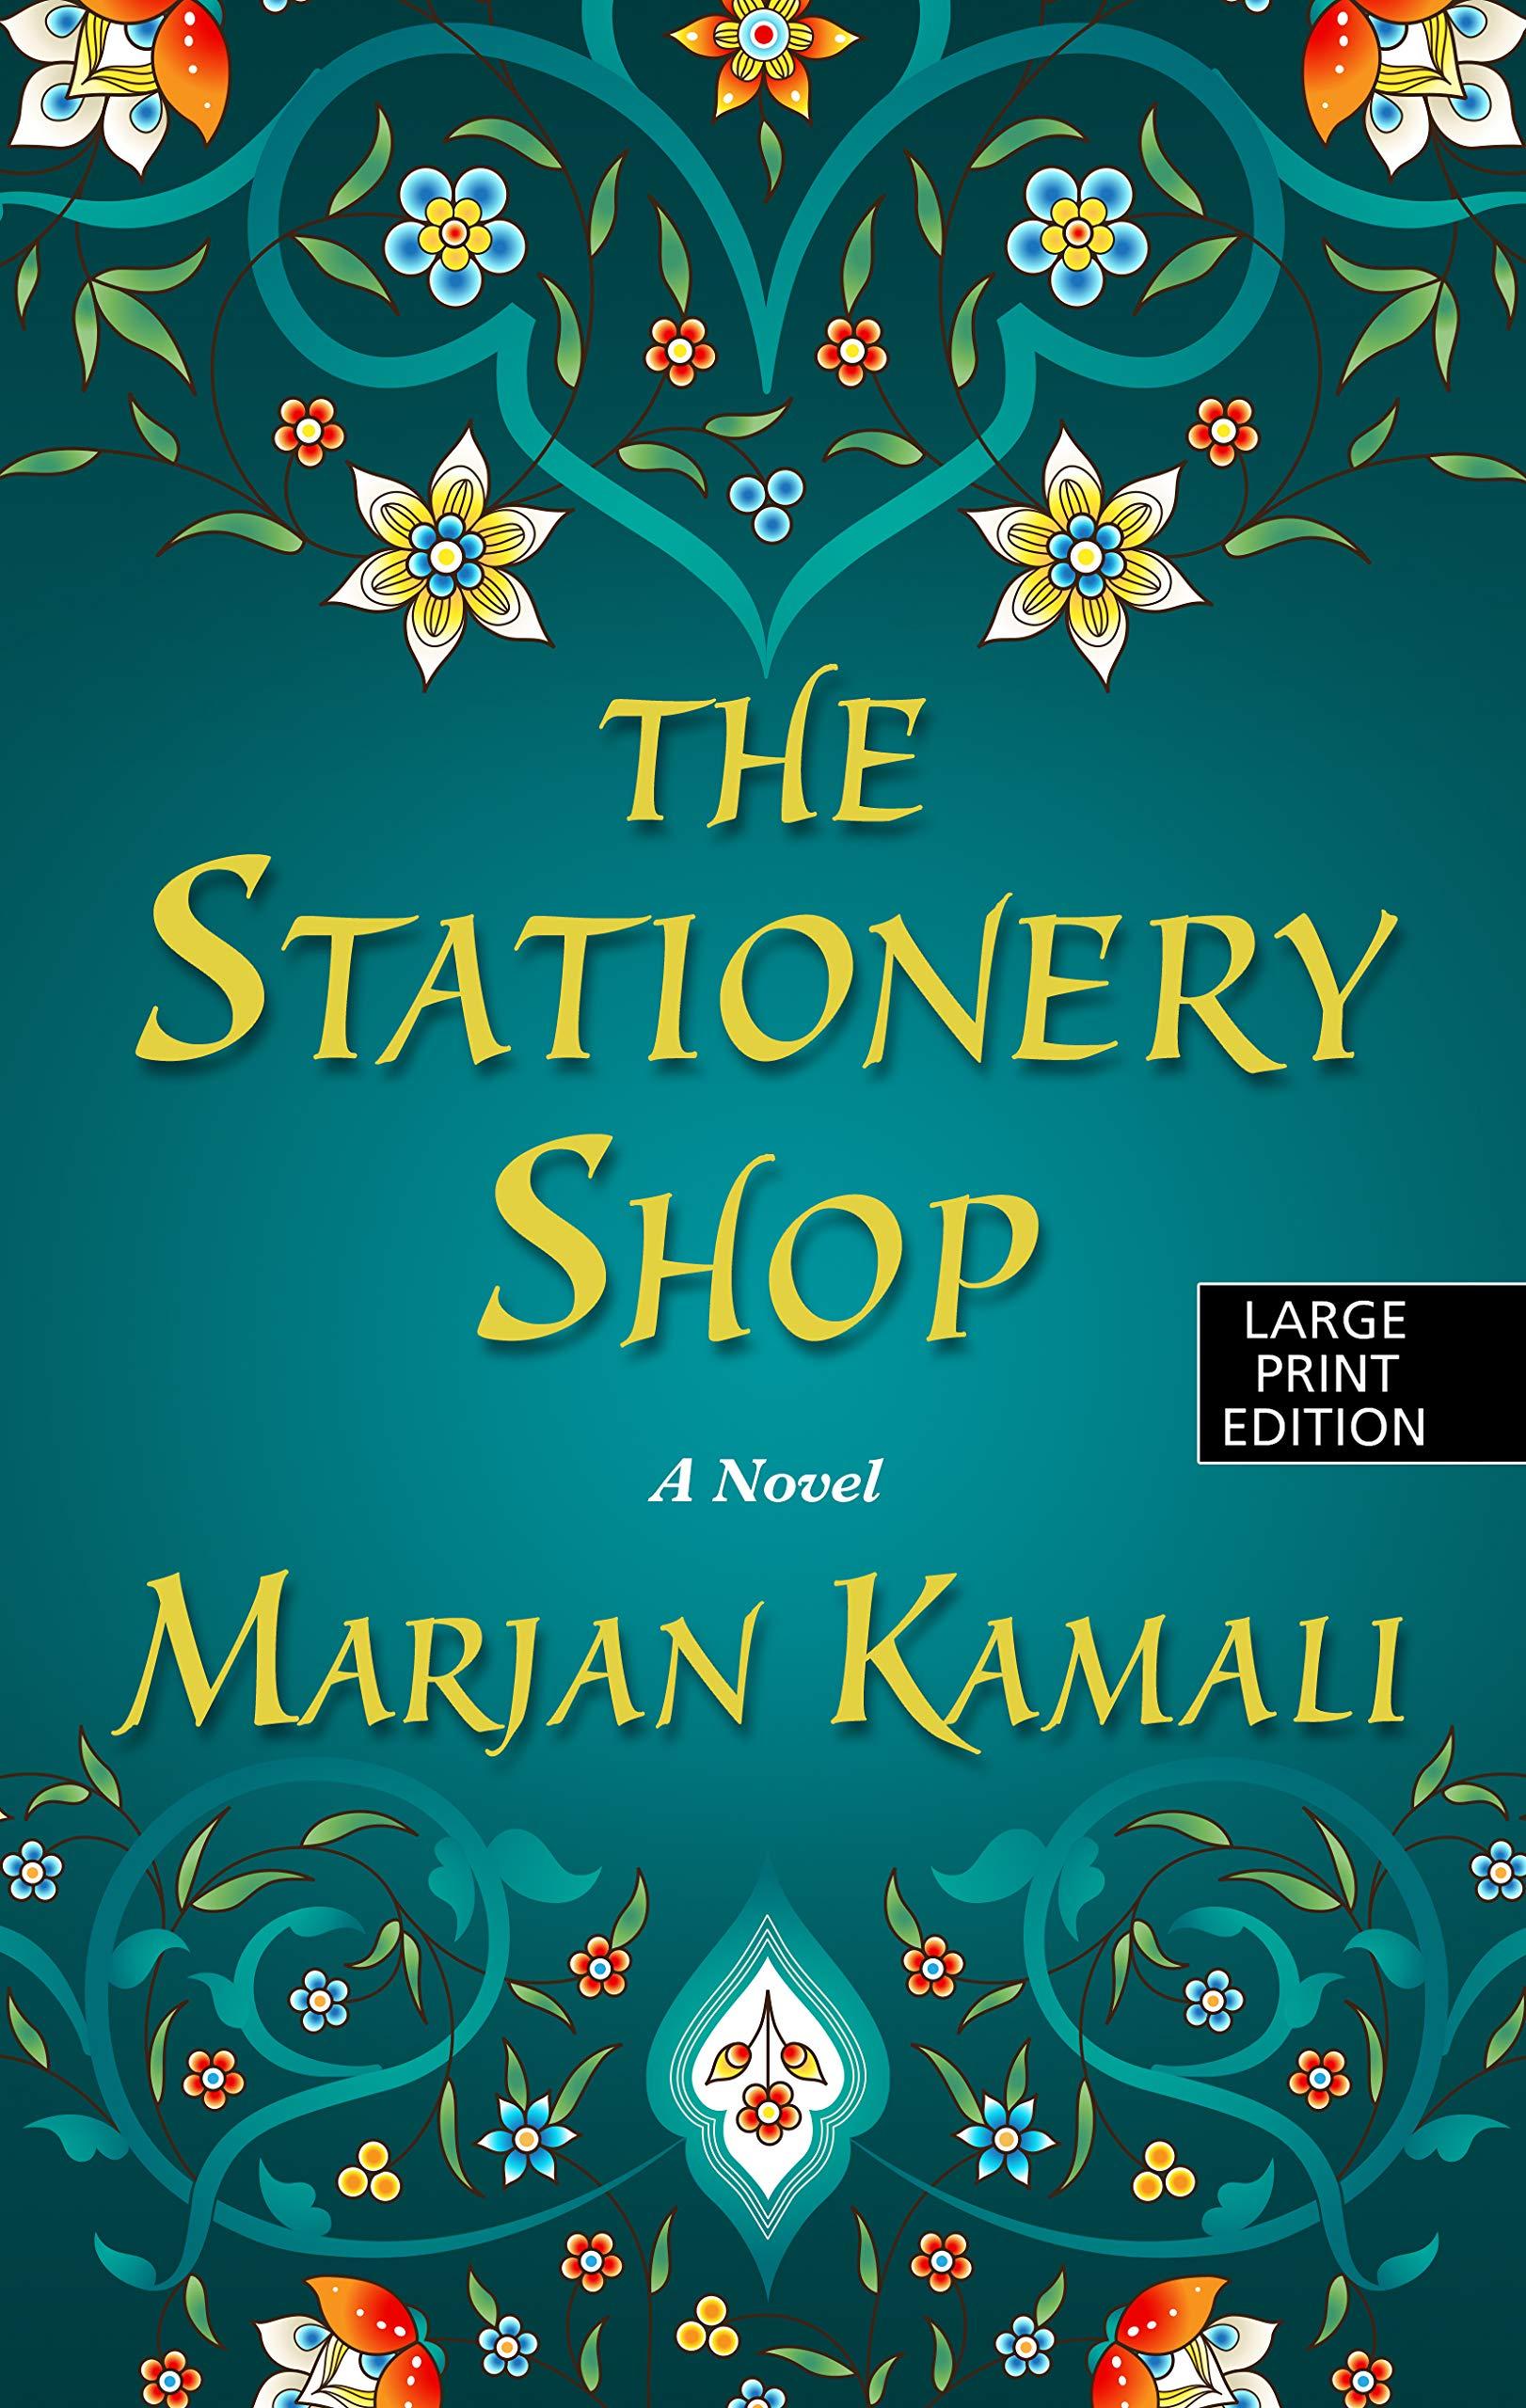 Amazon.com: The Stationery Shop (Thorndike Press Large Print Core)  (9781432867959): Kamali, Marjan: Books